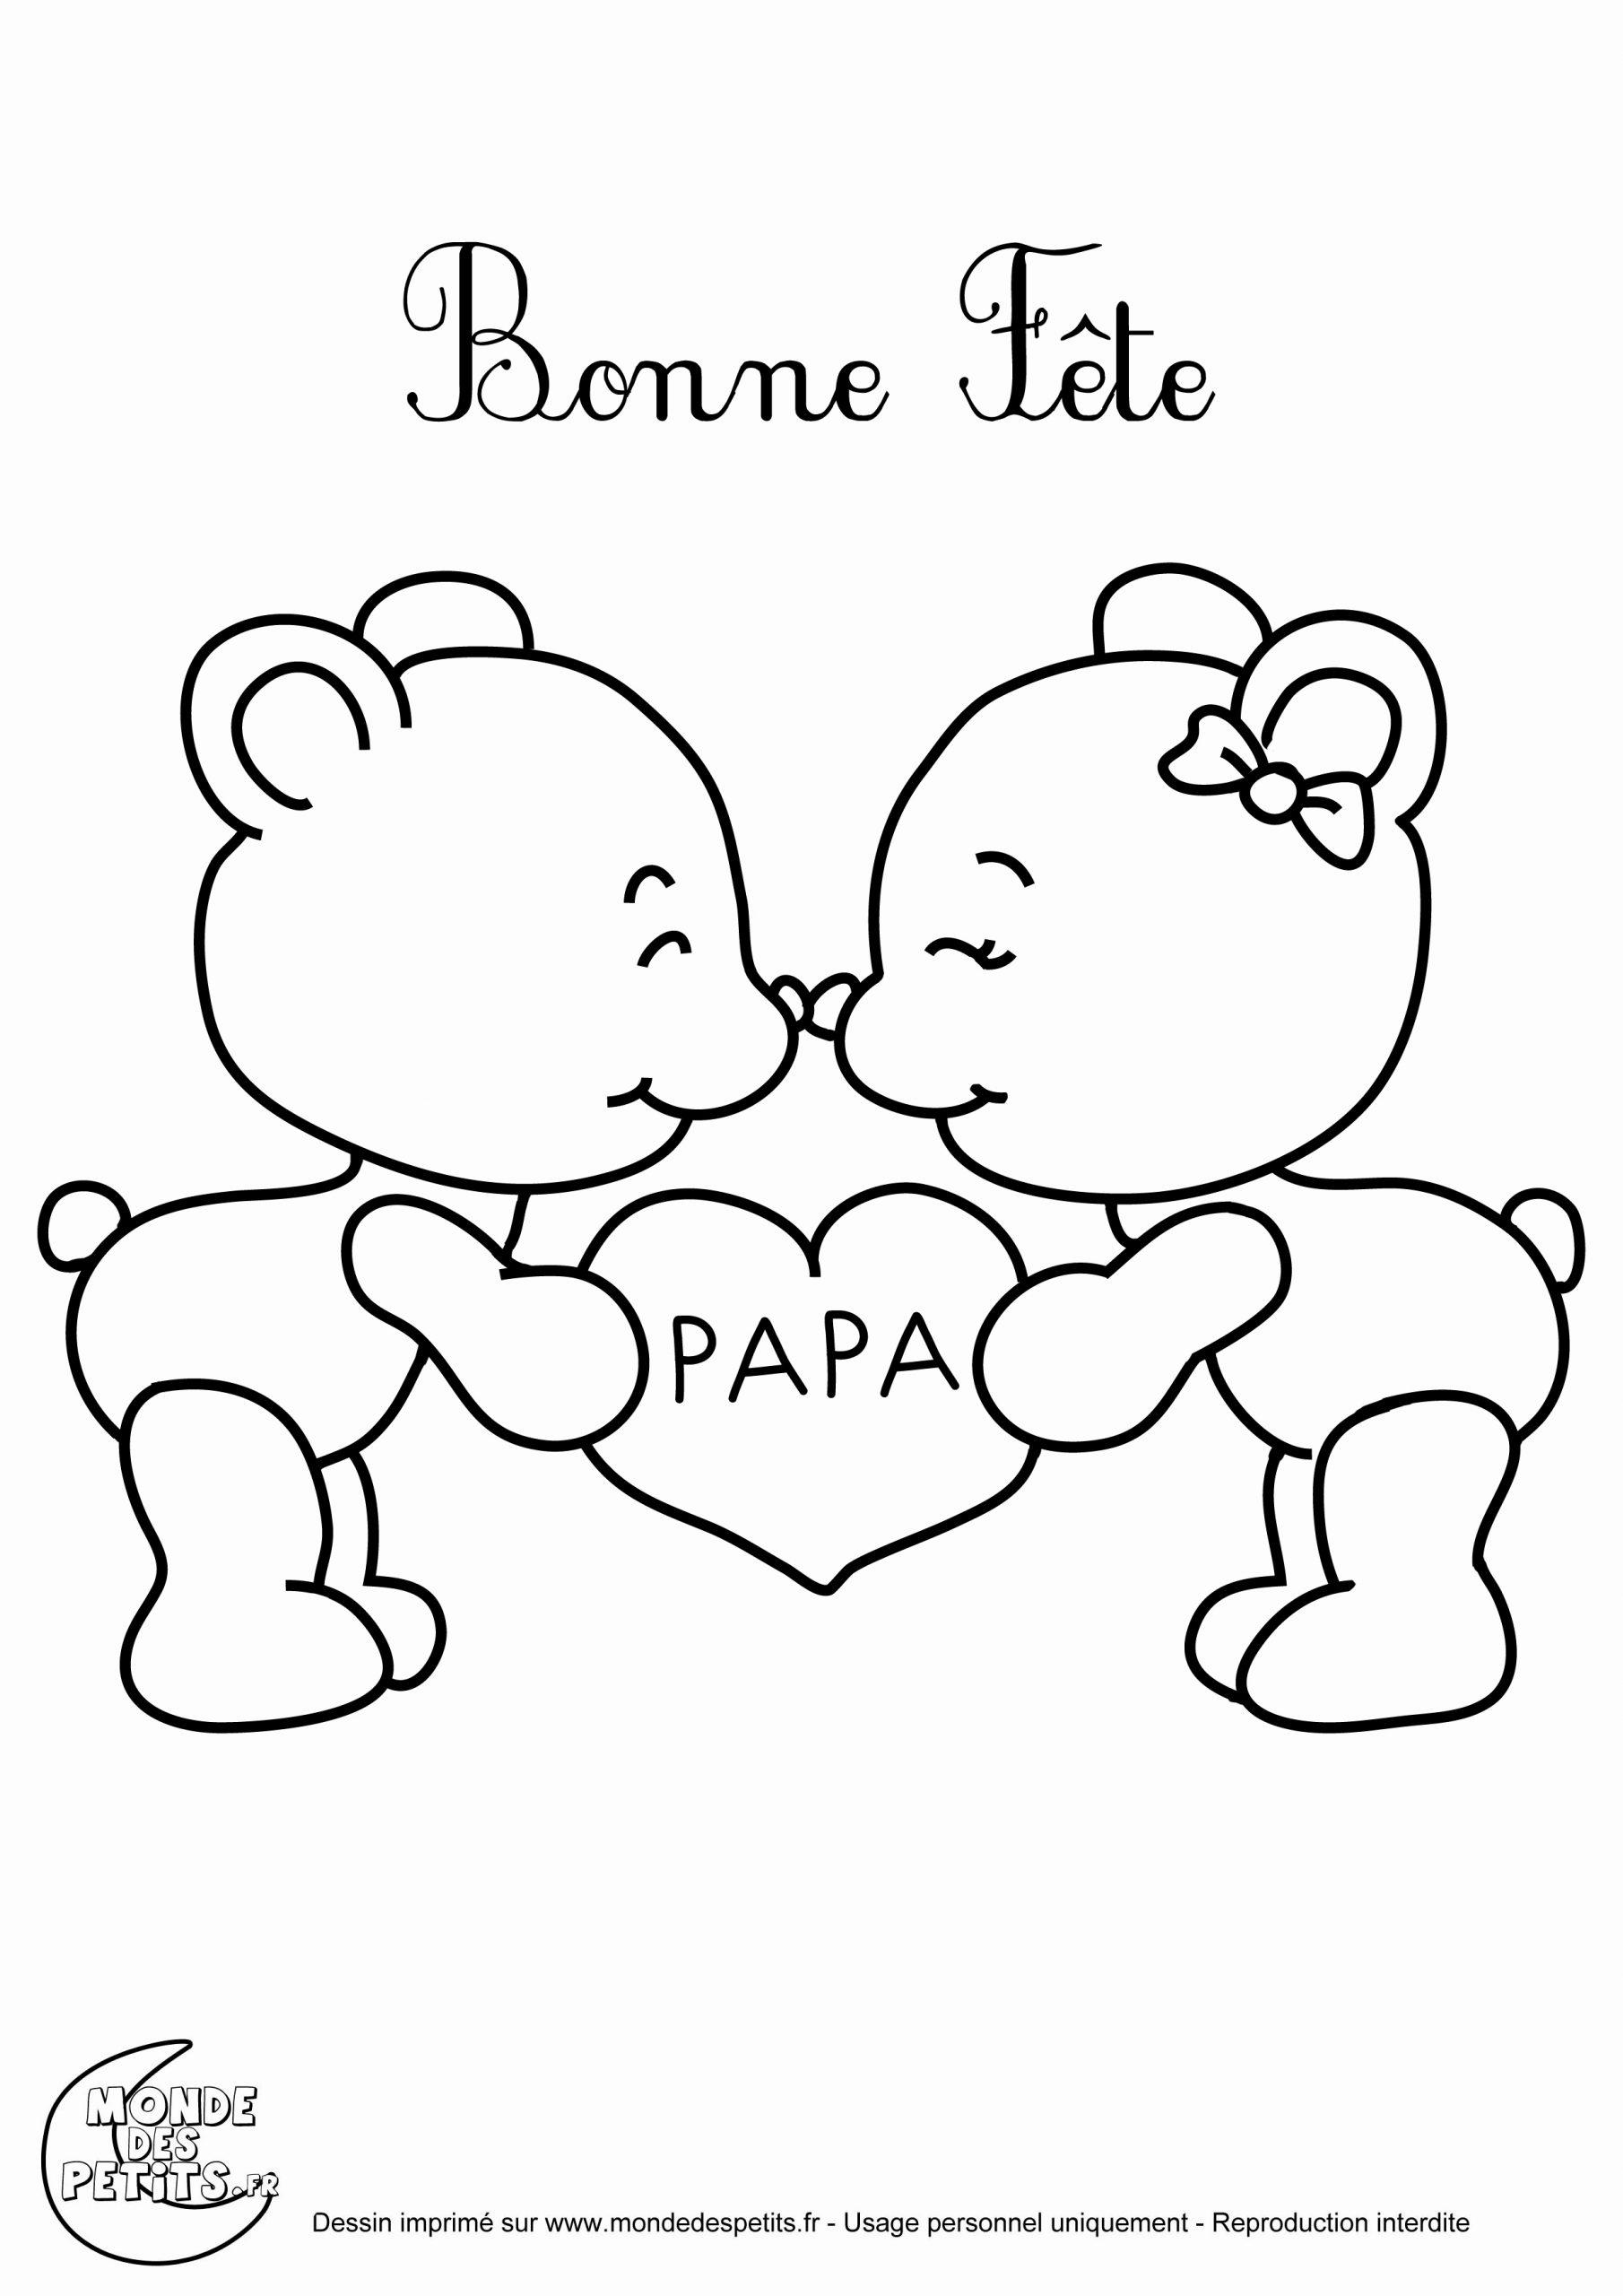 Dessin Danniversaire Pour Papy Beau Coloriage Anniversaire à Dessin Facile Pour Fille